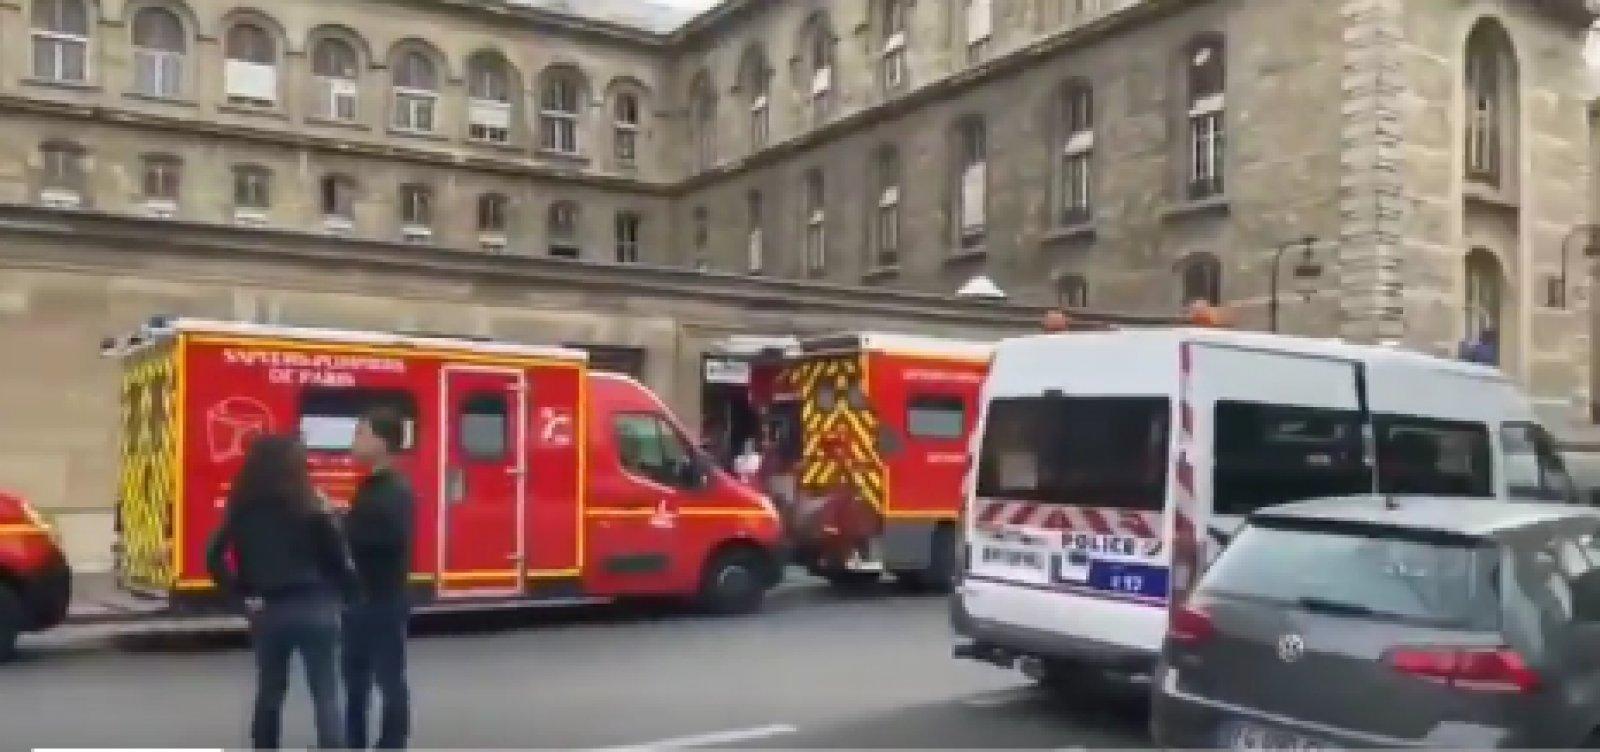 [Sobe para quatro o número de policiais mortos em ataque a quartel em Paris]